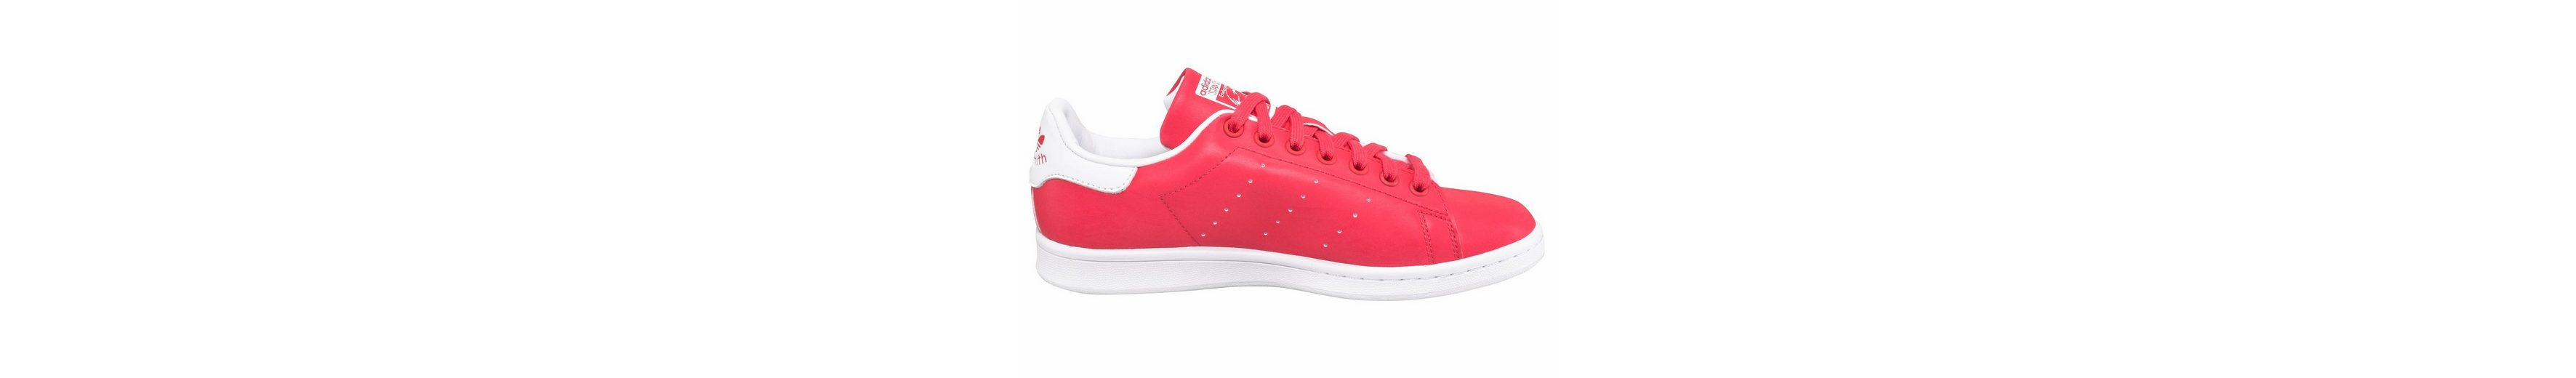 adidas Originals Stan Smith W Sneaker Billig Verkauf Größte Lieferant Freies Verschiffen Besuch Neu Günstigsten Preis Zu Verkaufen Für Schönen Günstigen Preis Qualität AO3s4x